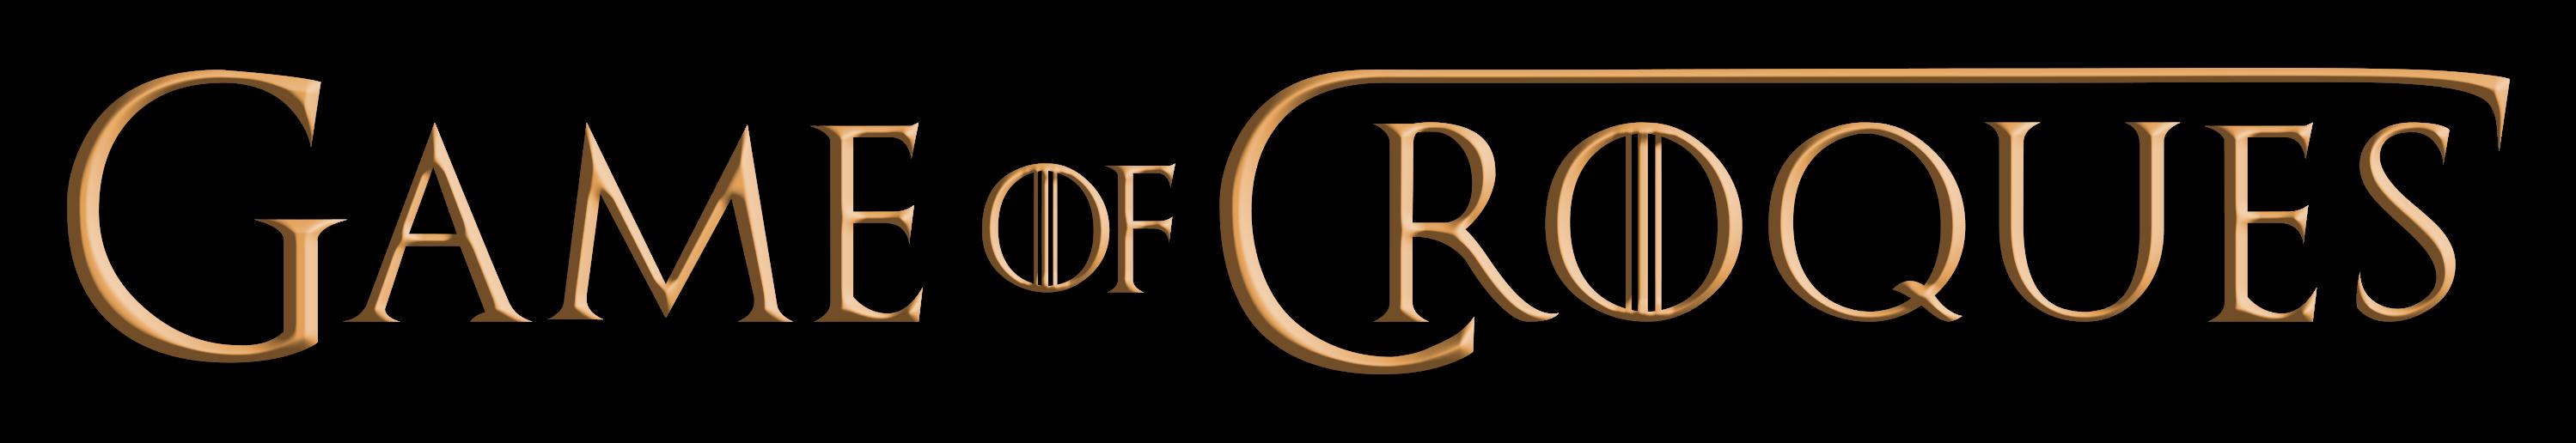 ESCROCS Game Of Croques